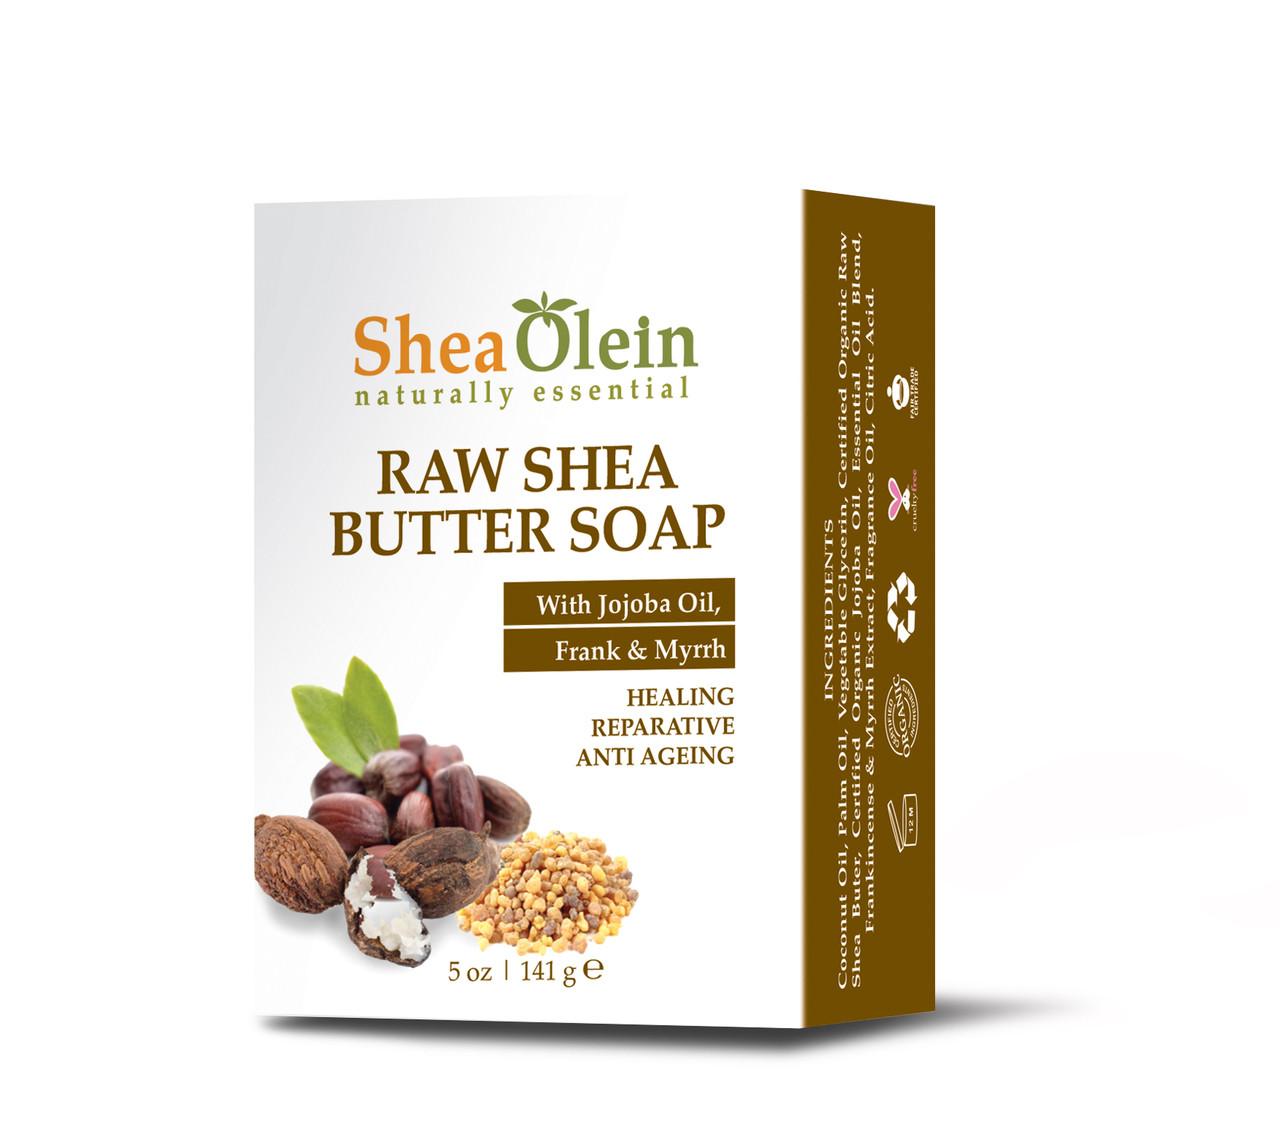 Raw Shea Butter Soap W/Jojoba oil, Frank & Myrrah by SheaOlien